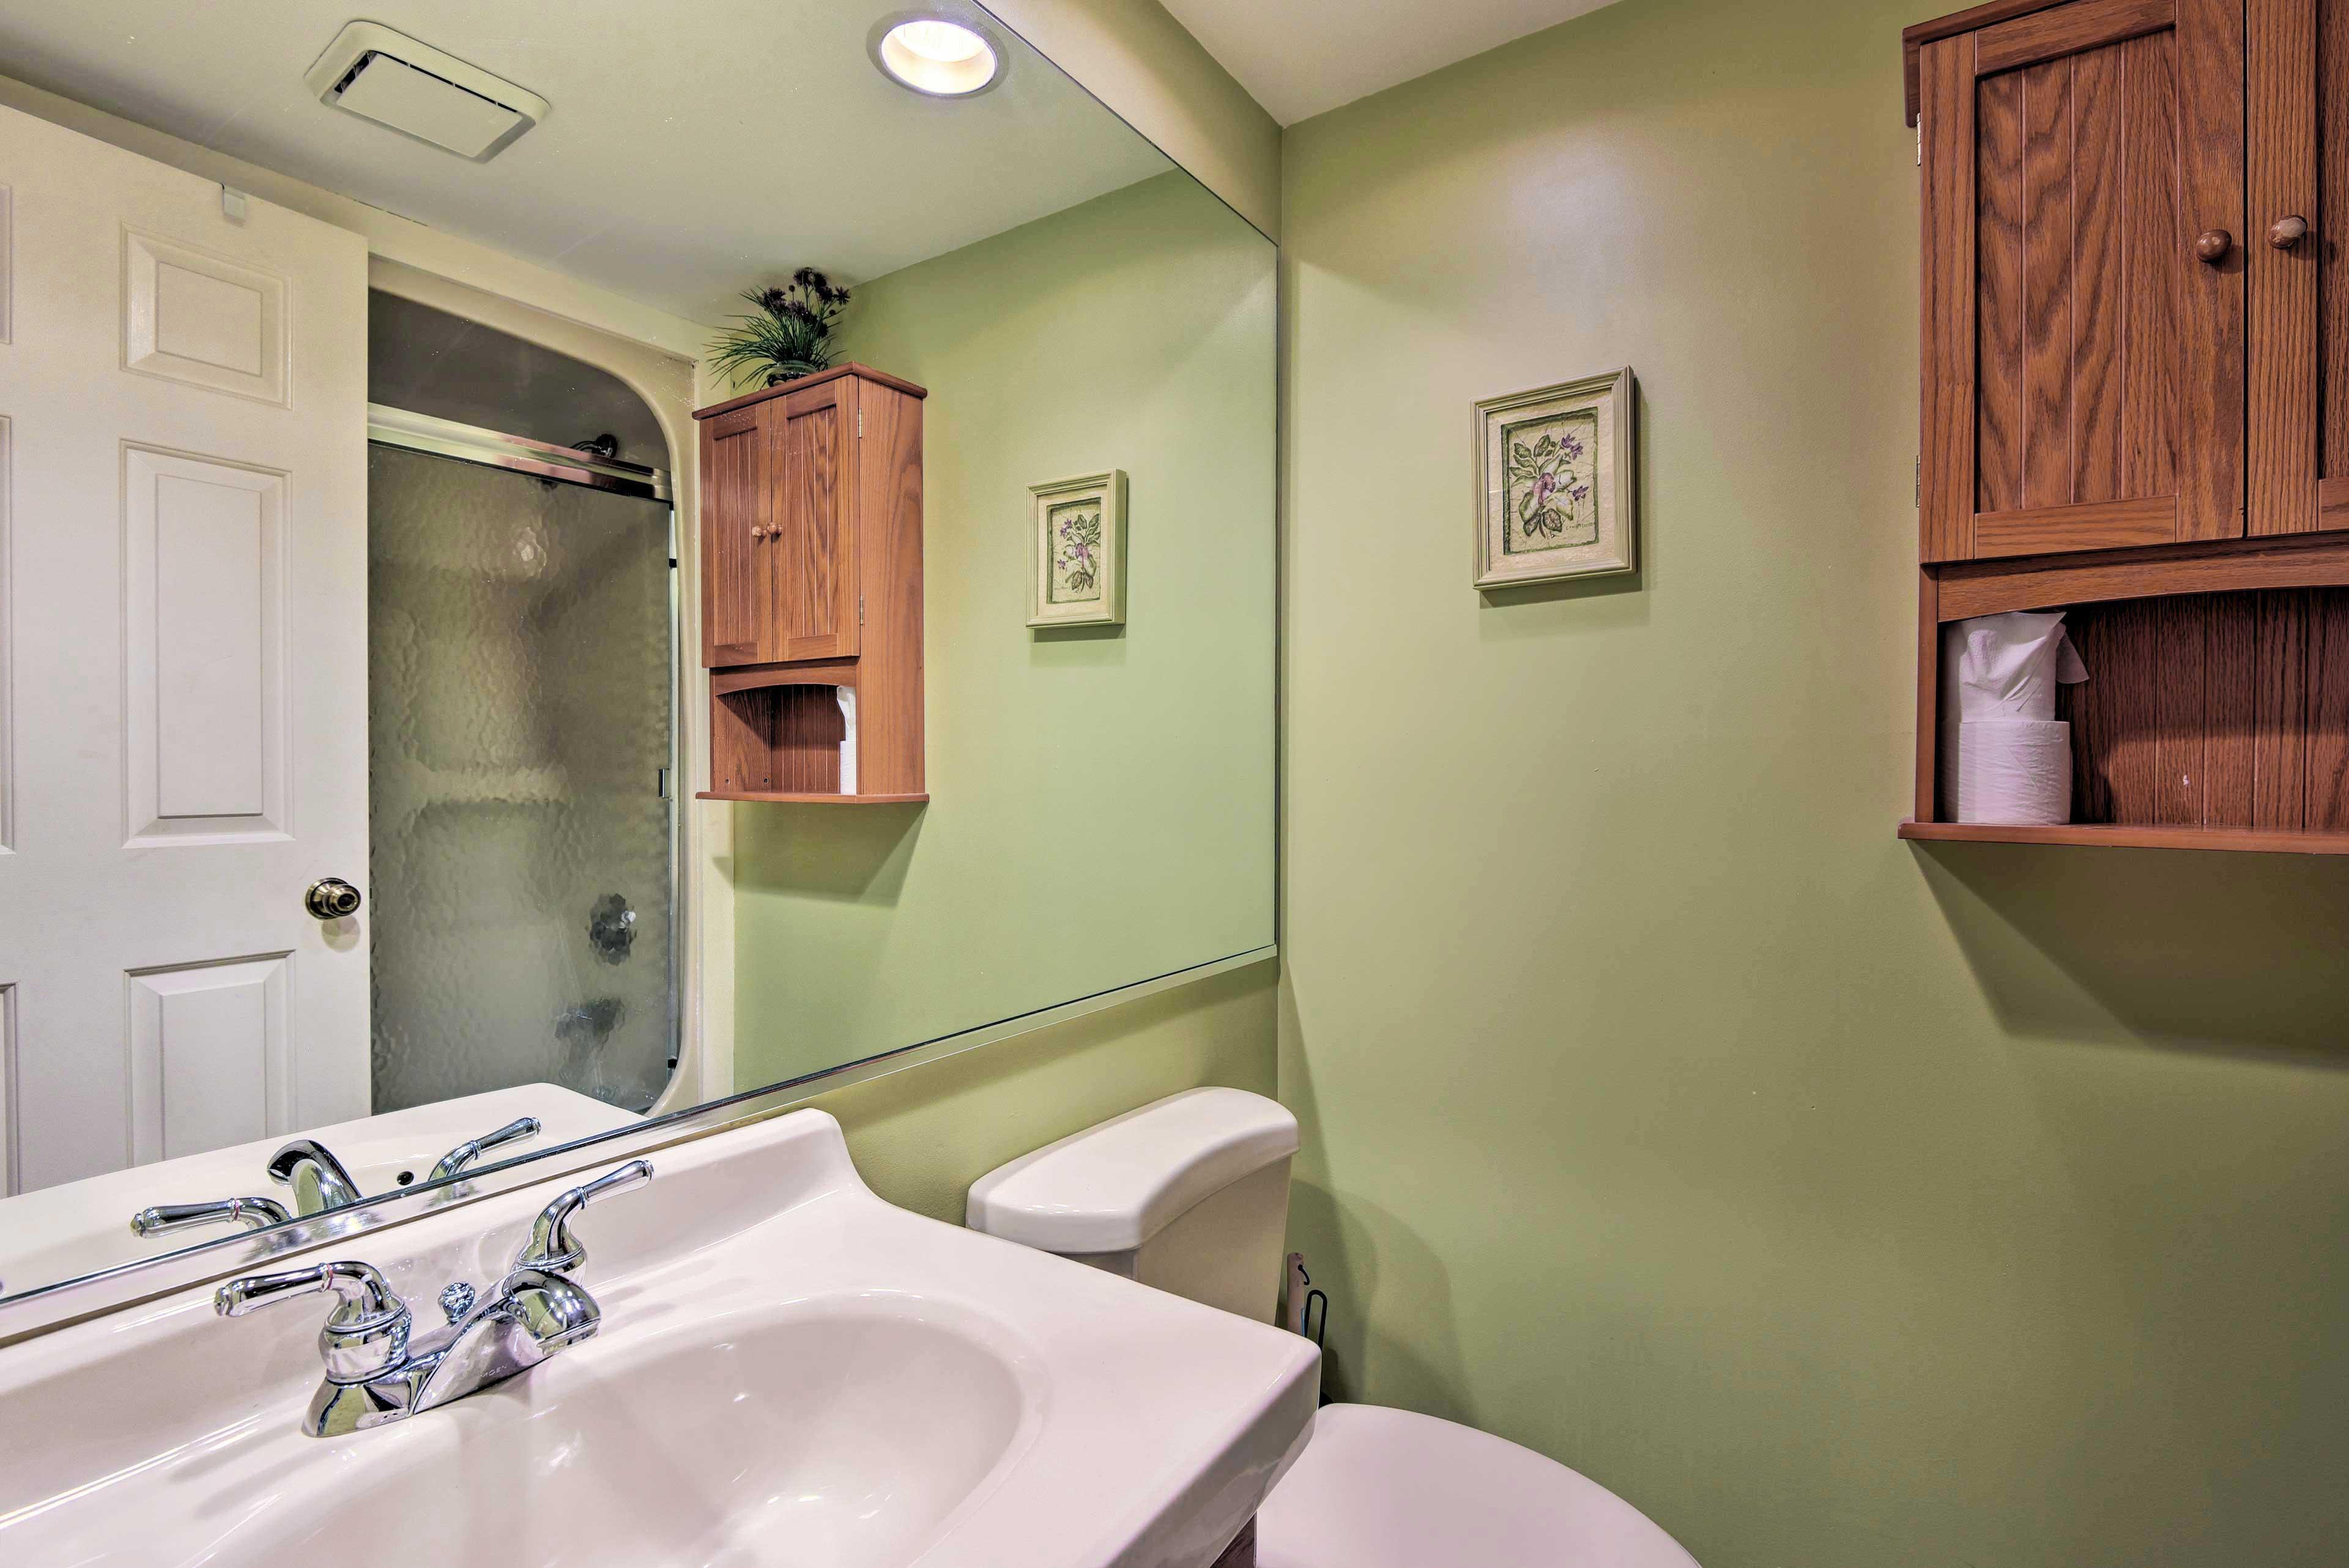 The en-suite bathroom features a shower/tub combo.